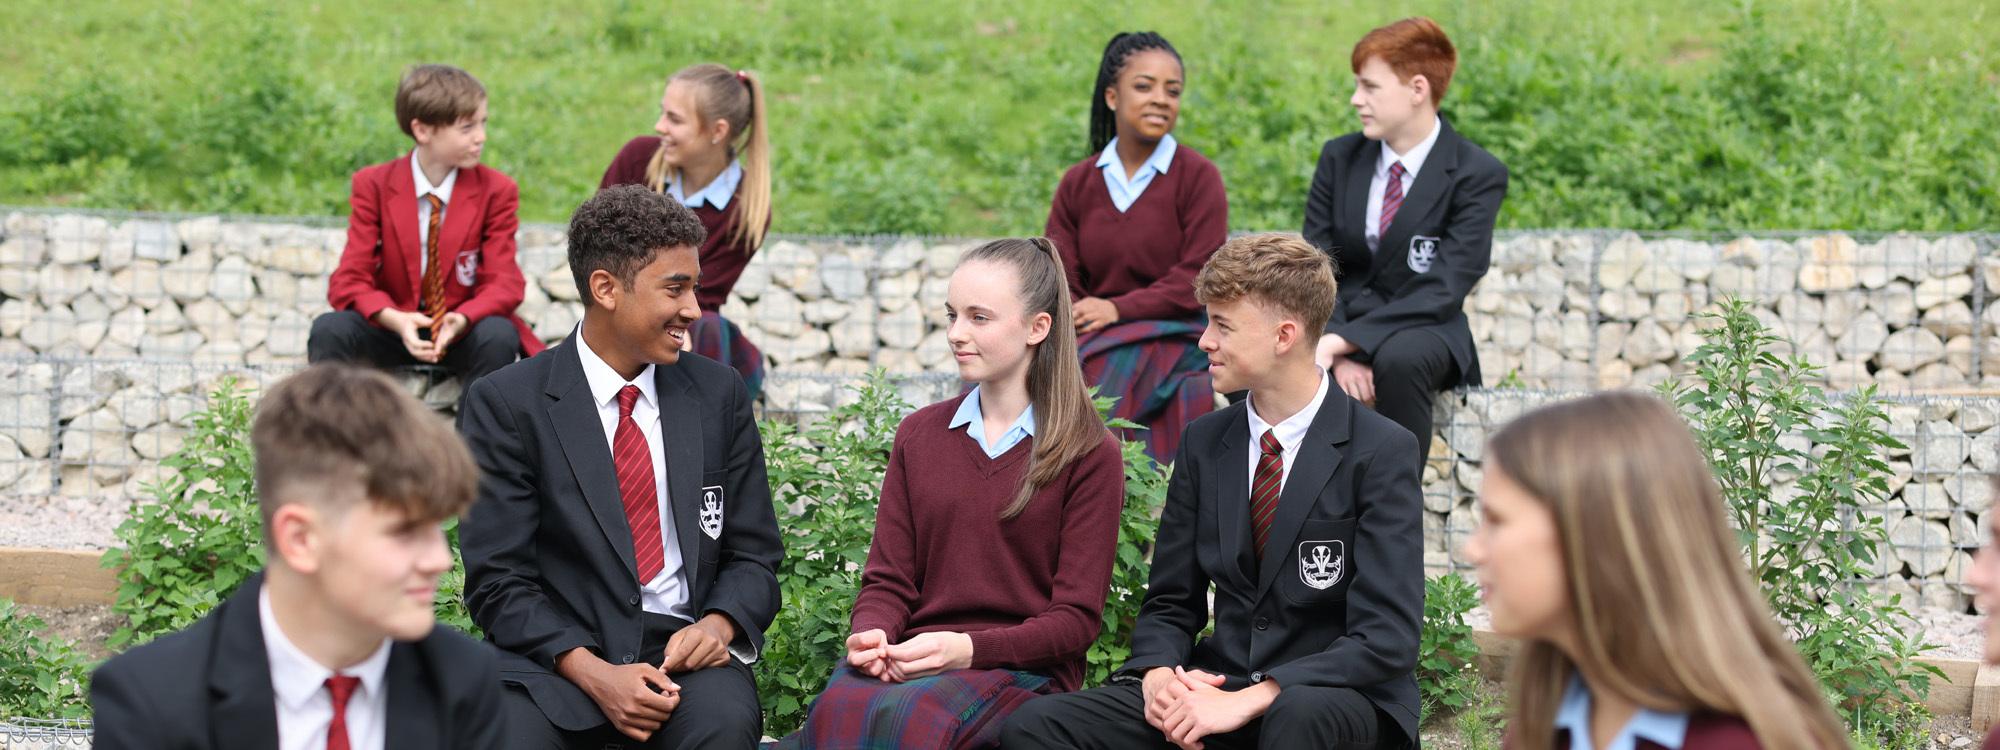 Broxbourne school image 8